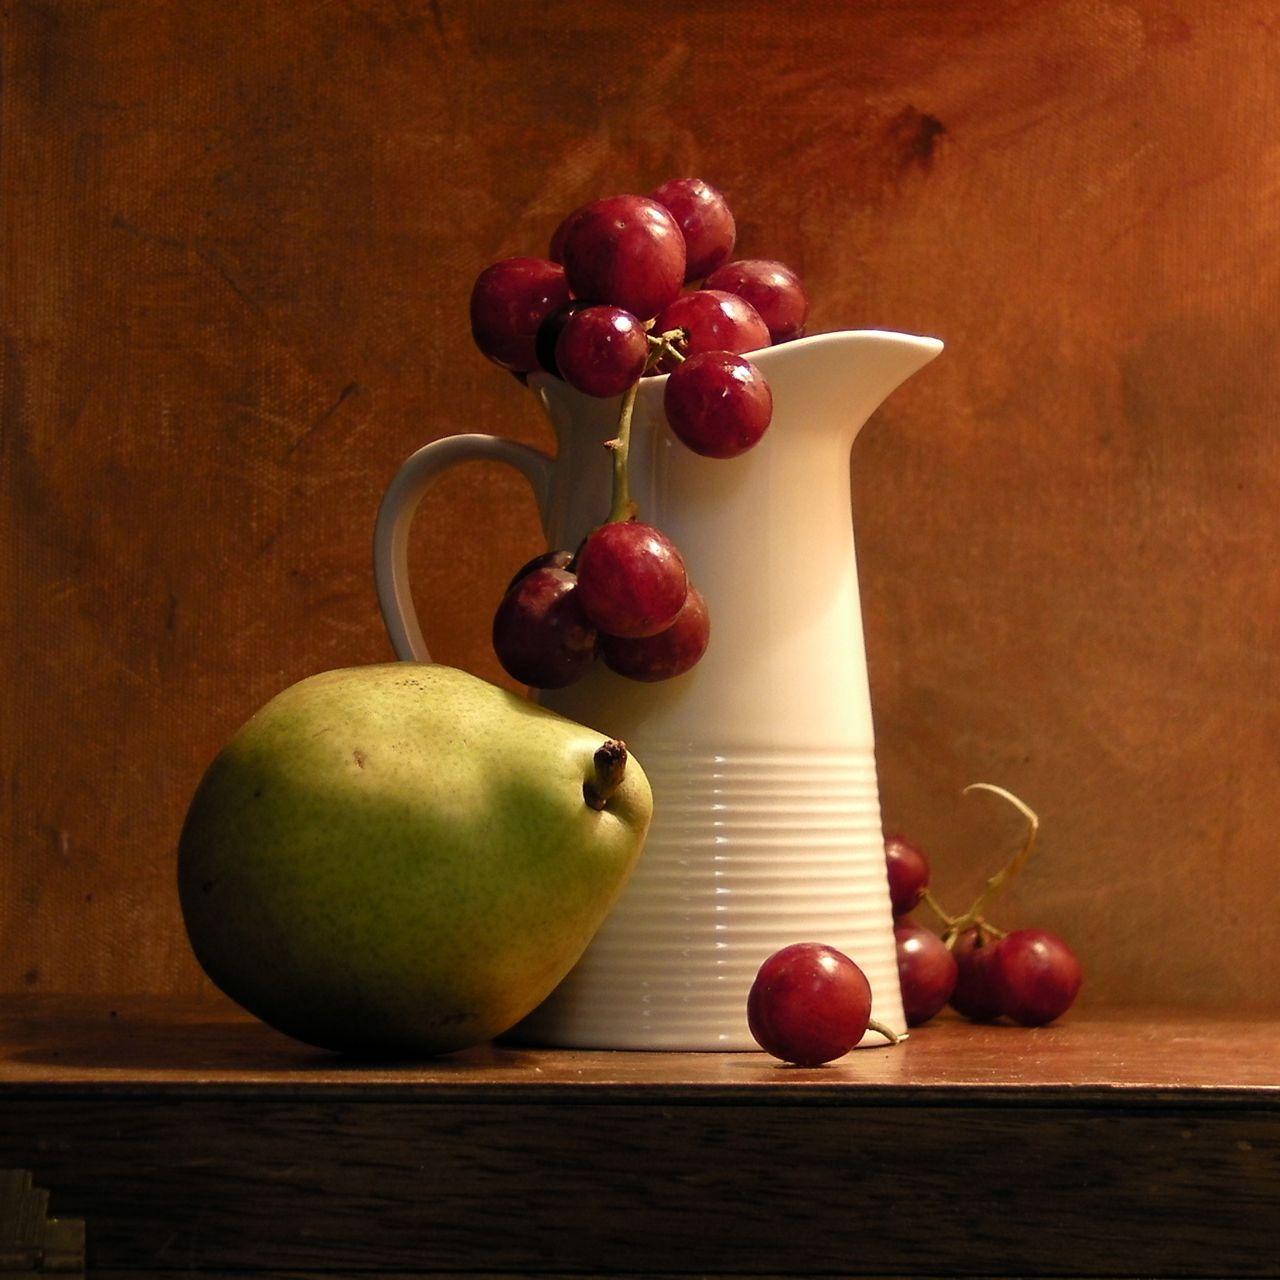 Painting The White Jug Still Life Fruit Still Life Art Still Life Photography